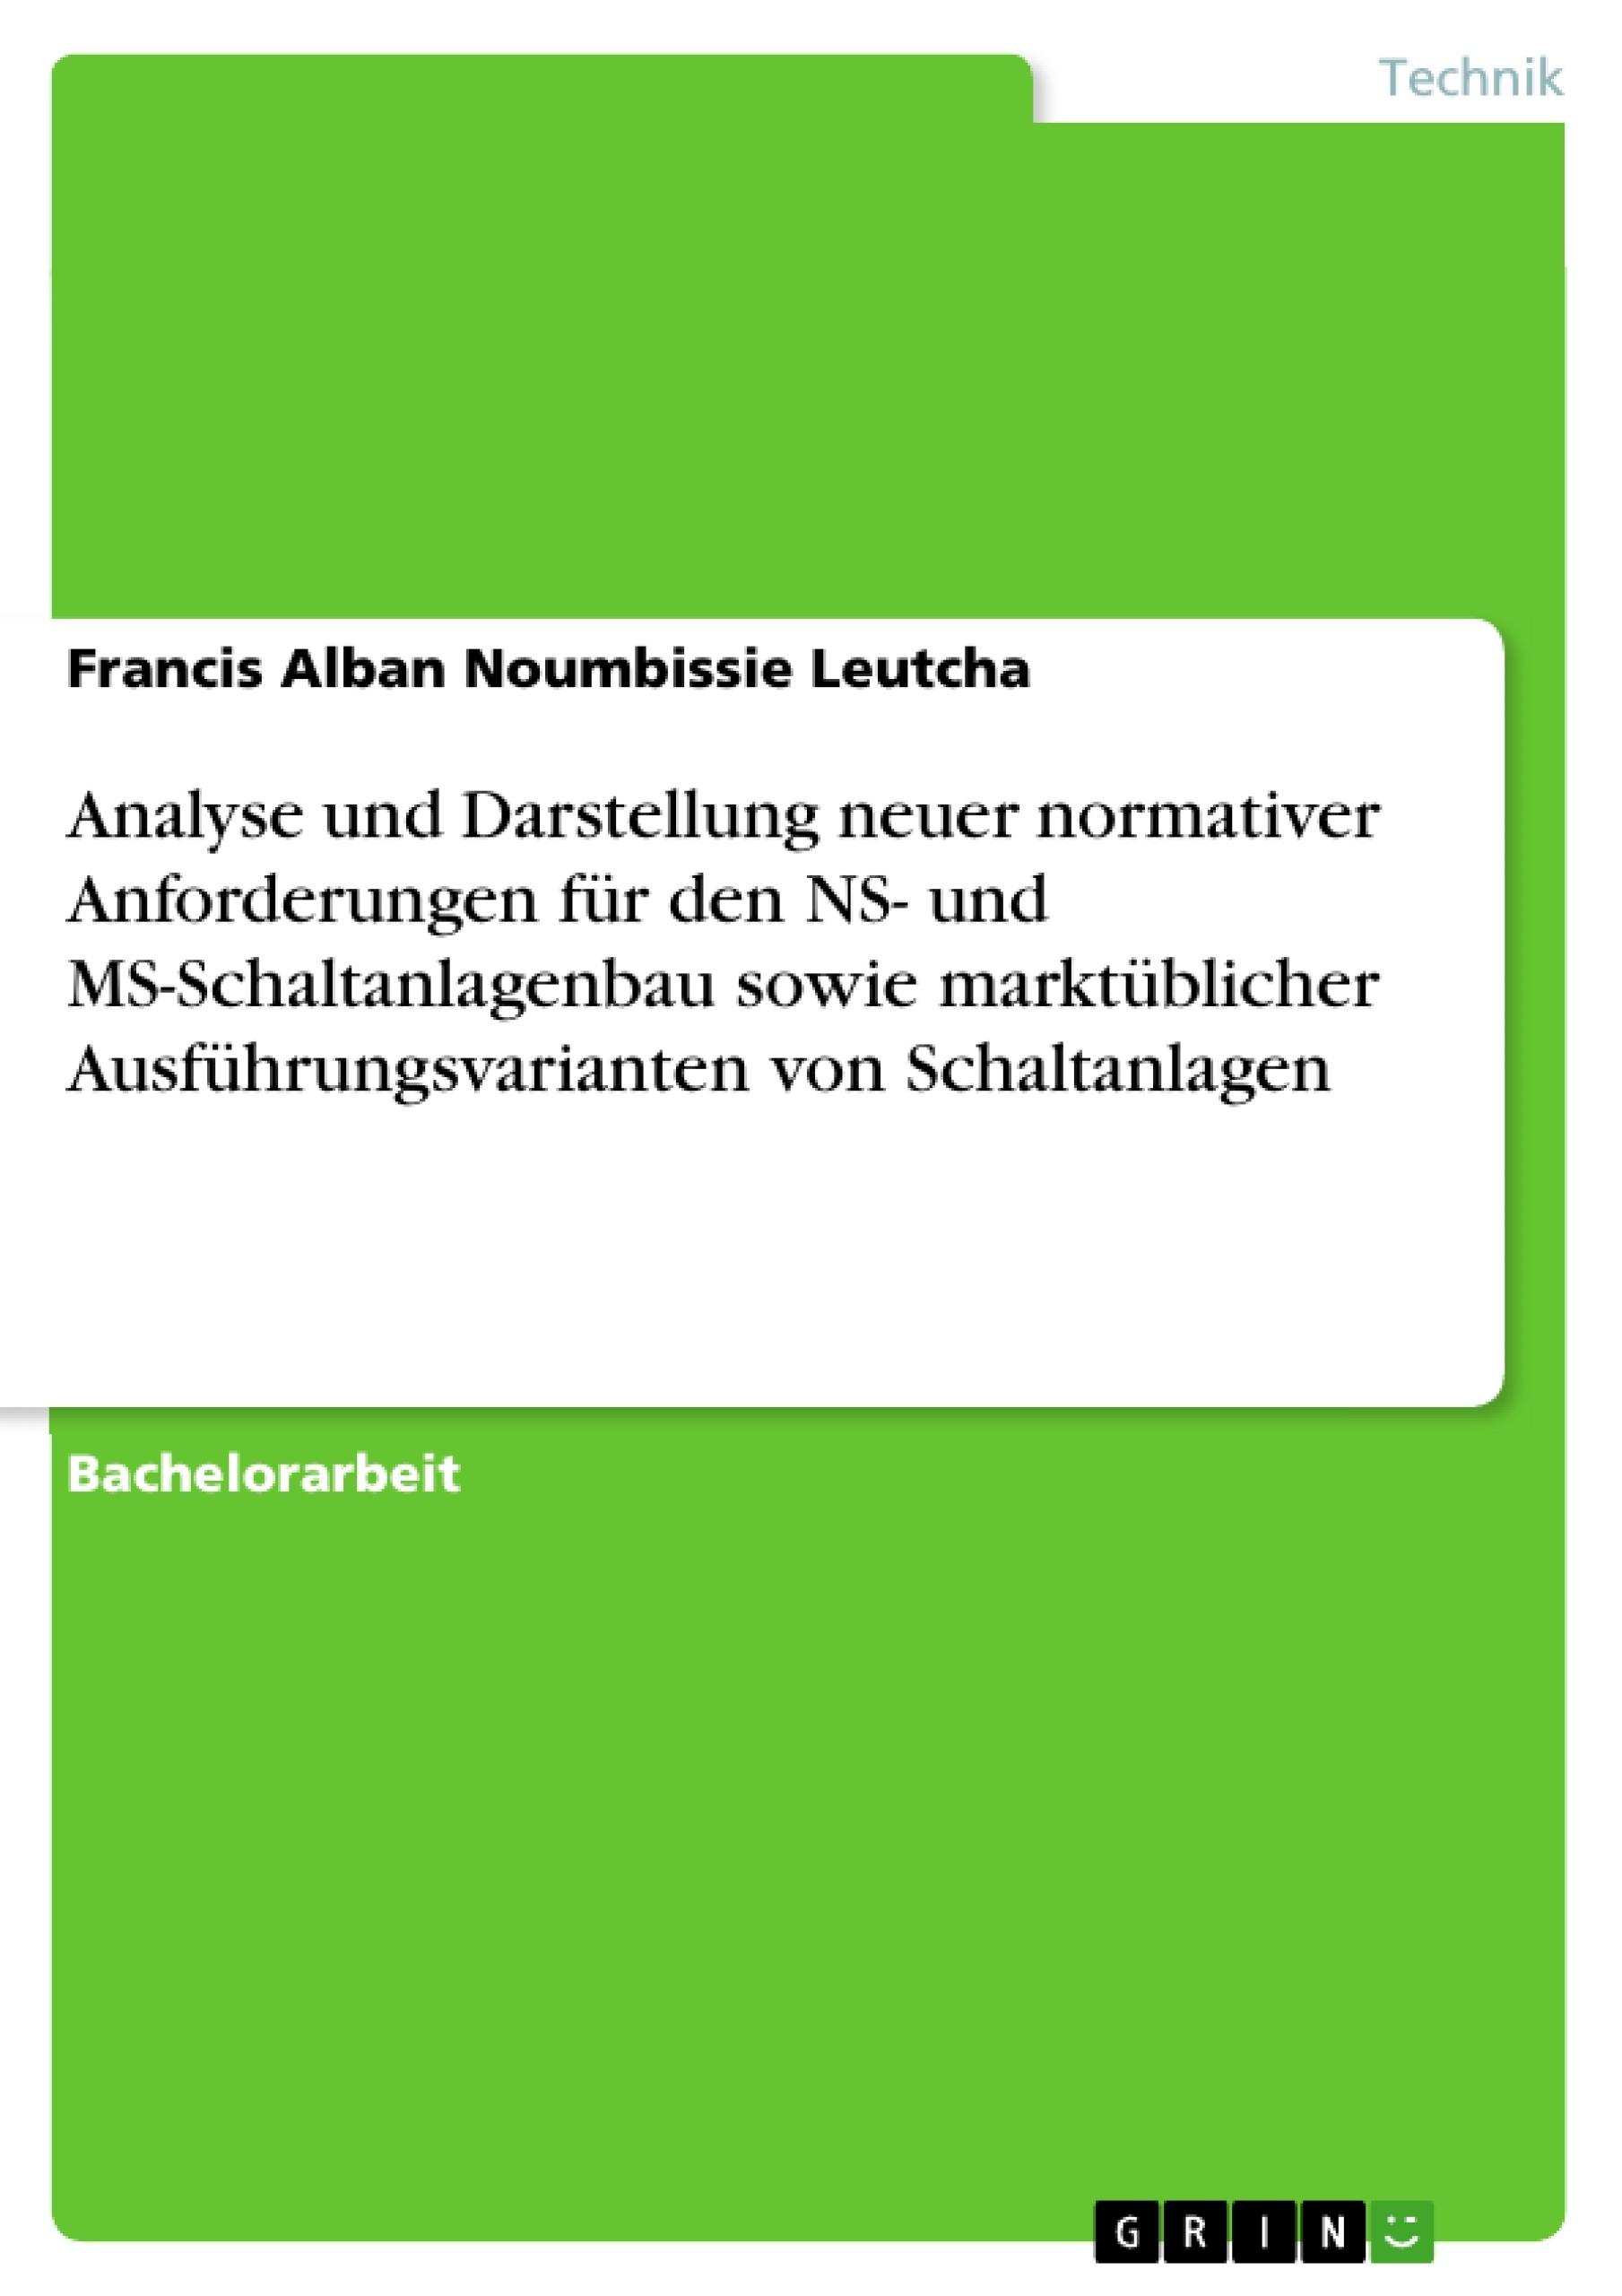 Titel: Analyse und Darstellung neuer normativer Anforderungen für den NS- und MS-Schaltanlagenbau sowie marktüblicher Ausführungsvarianten von Schaltanlagen